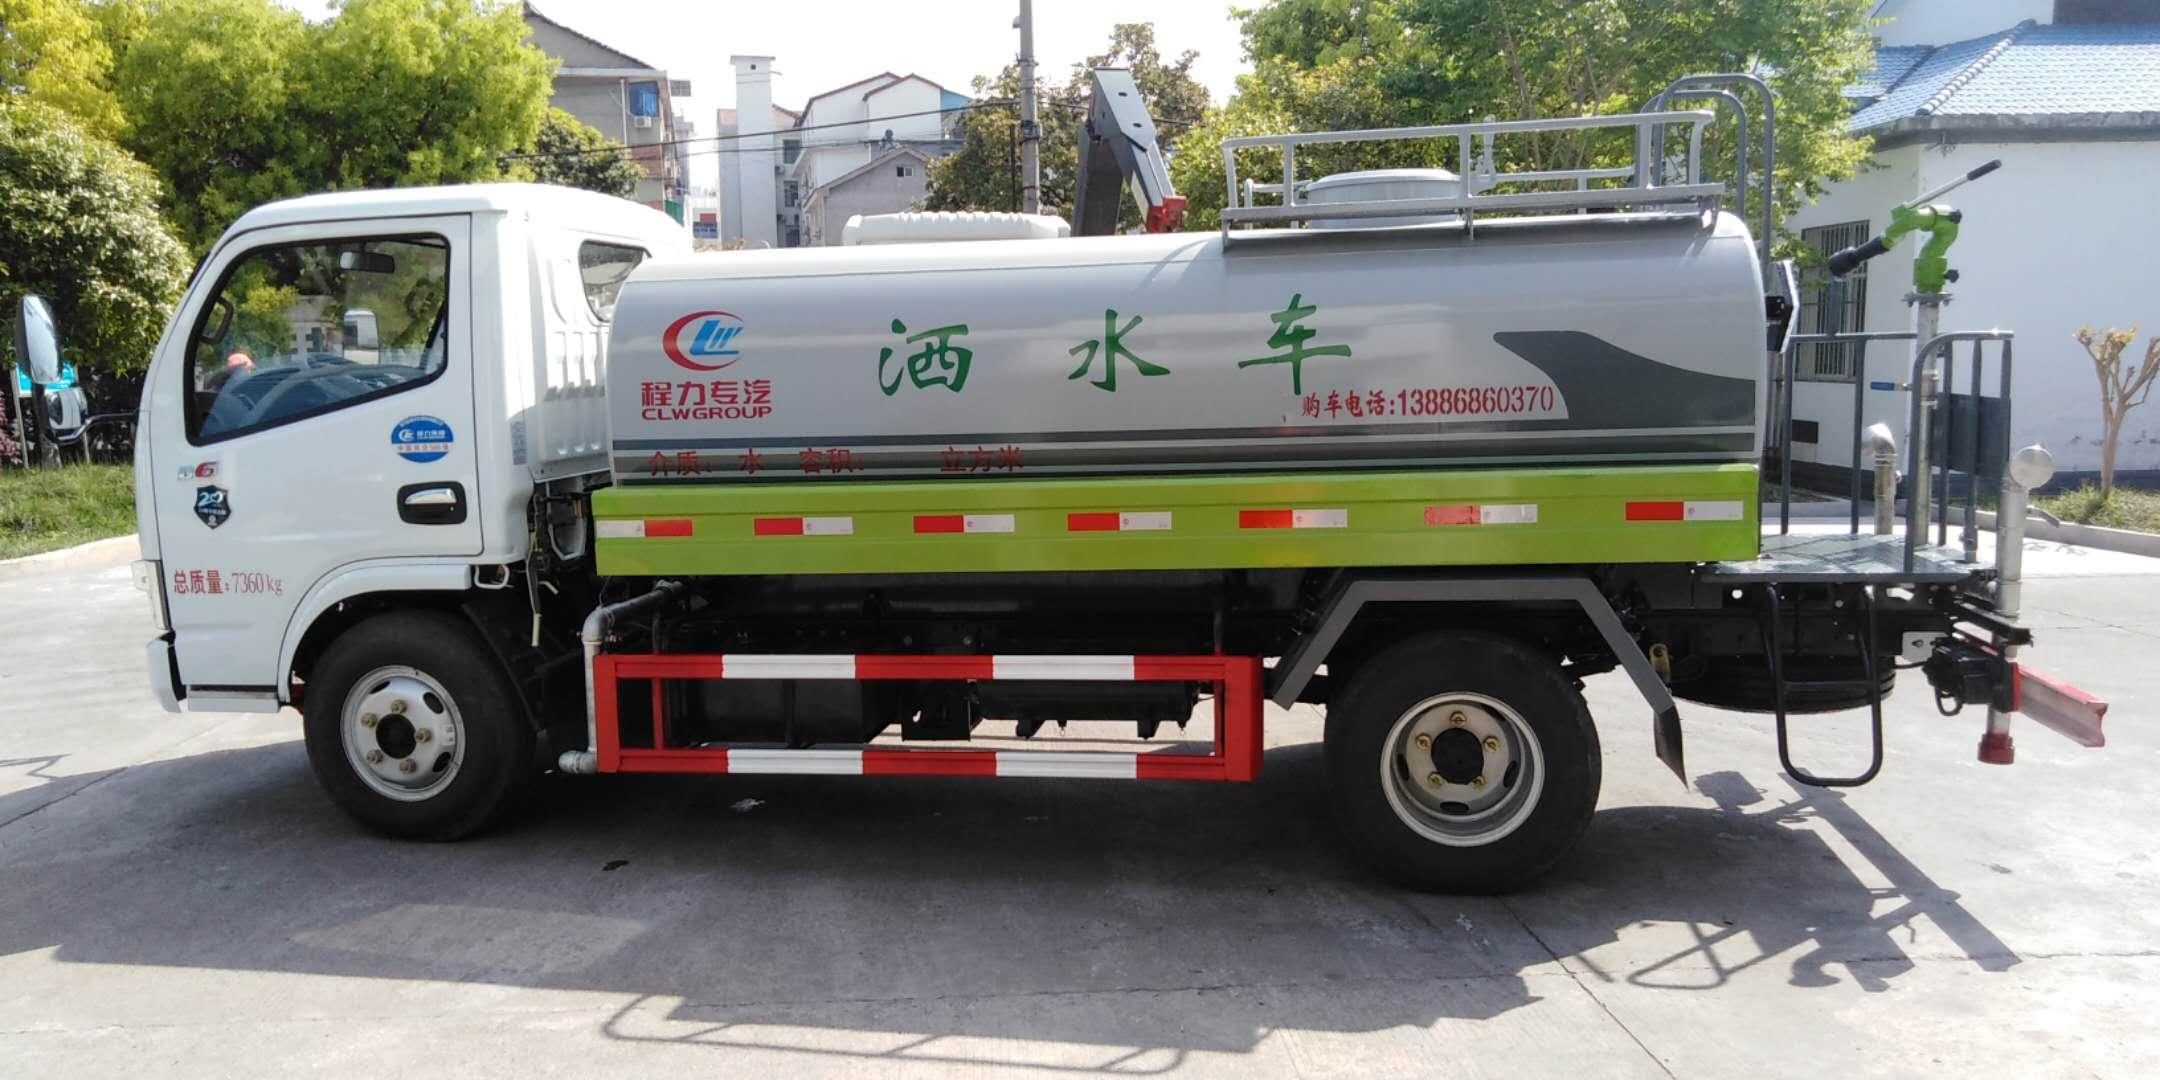 麻阳环卫加强城市卫生及消毒工作5吨城市消毒车拉水车 图片